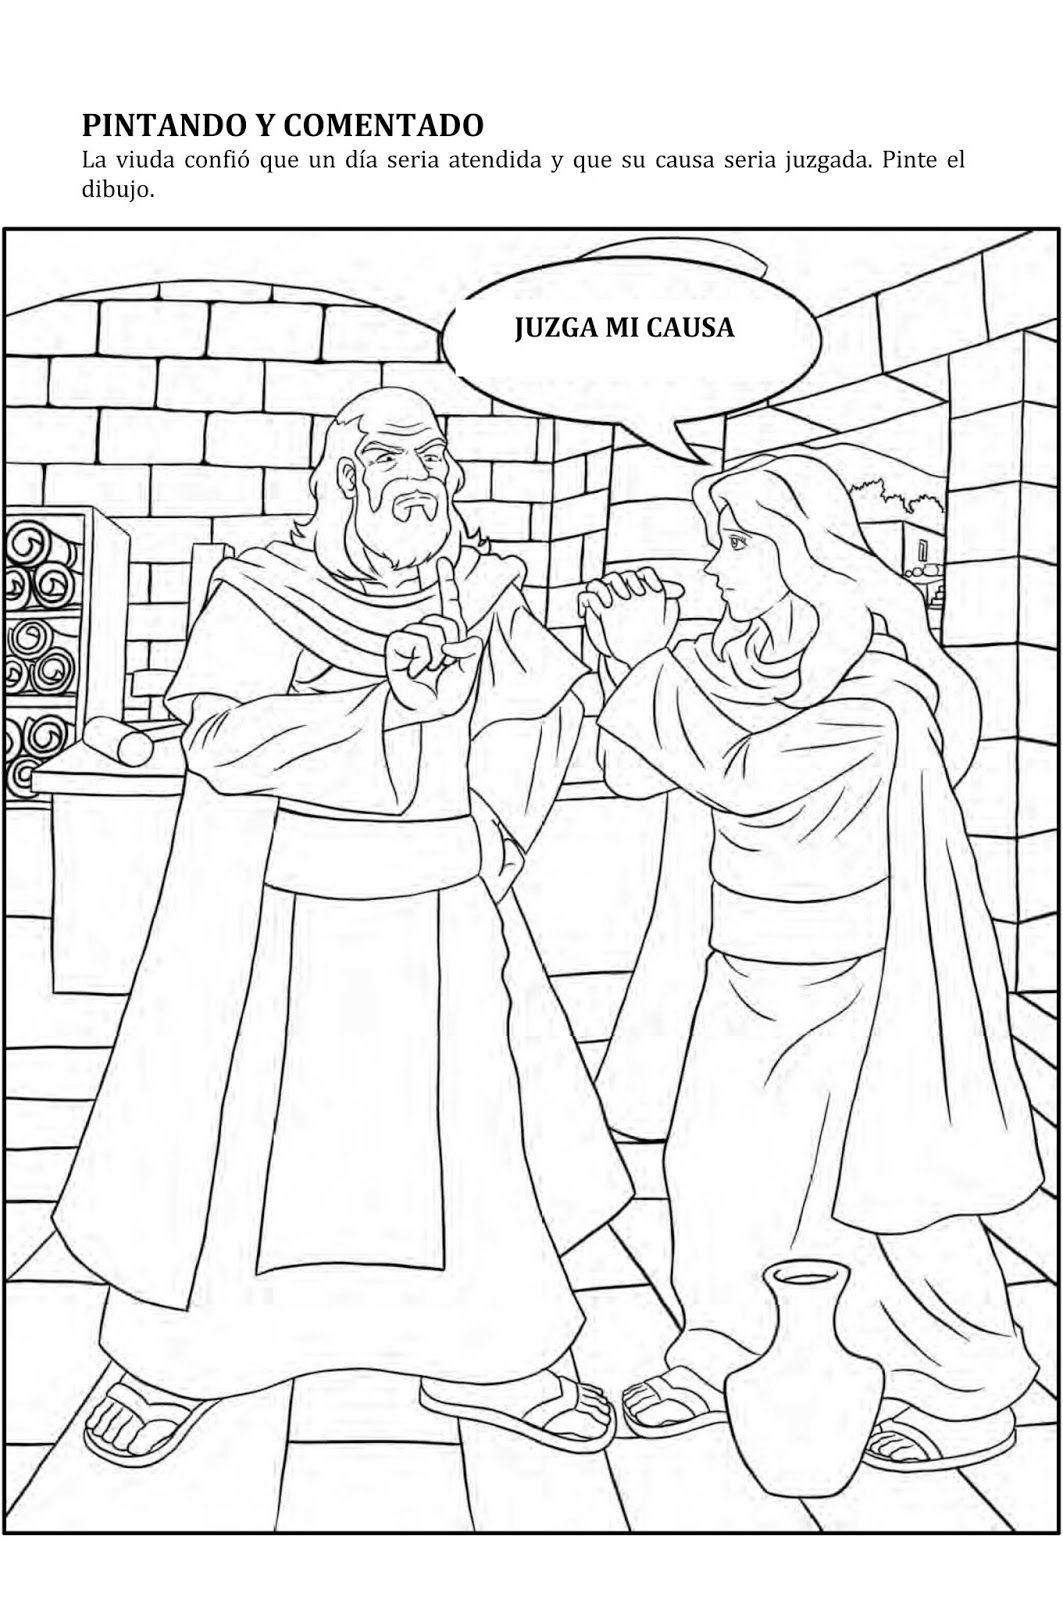 PARA COLOREAR: Parábola El Juez y la viuda   PARA COLOREAR ...